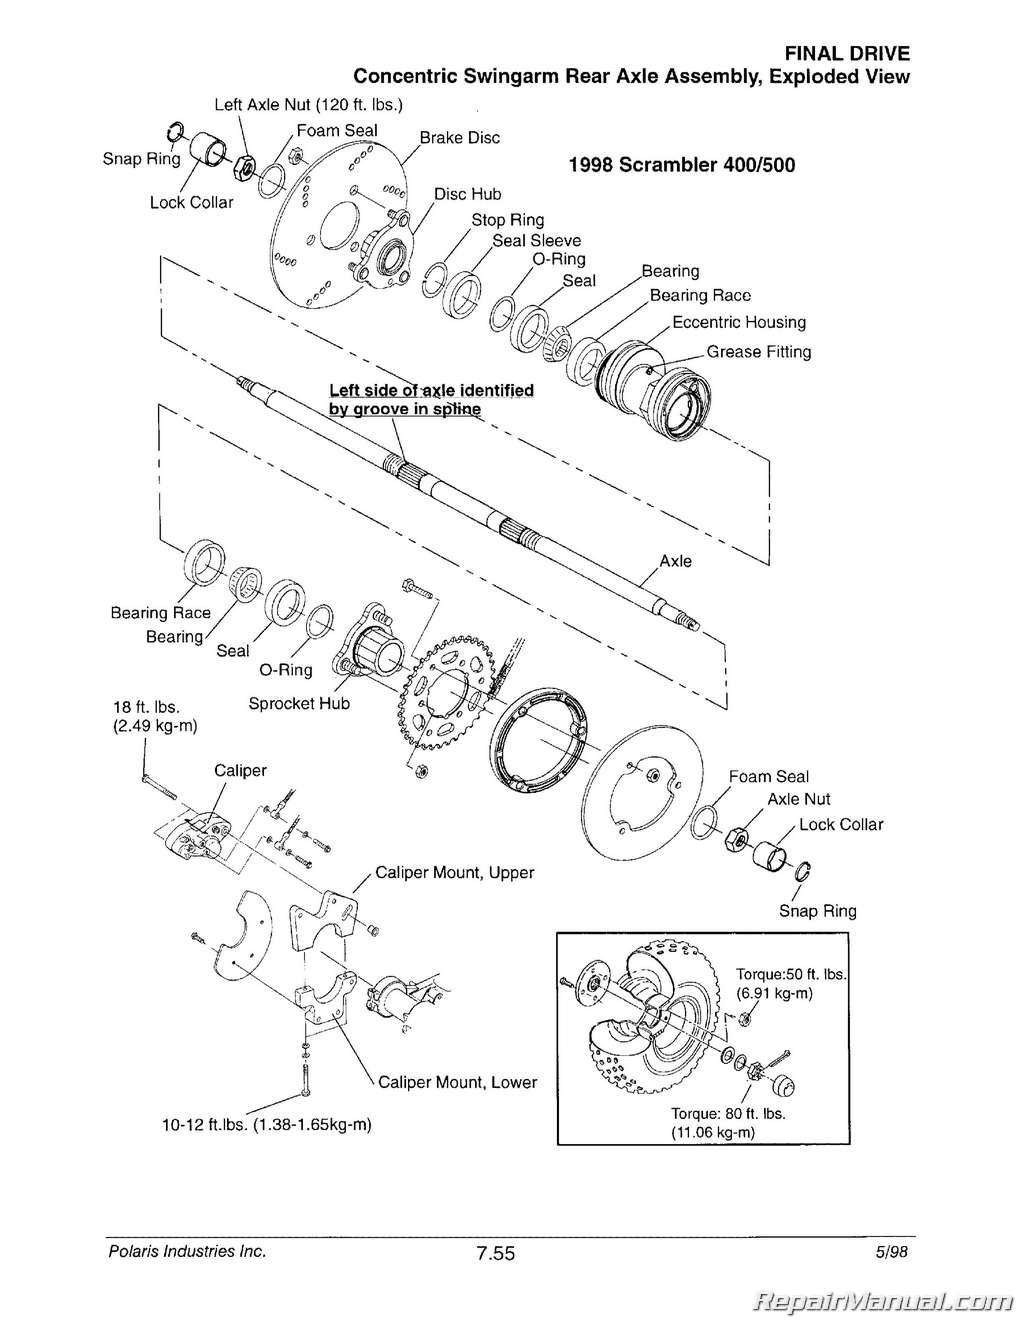 Polaris magnum 500 wiring diagram wiring diagram